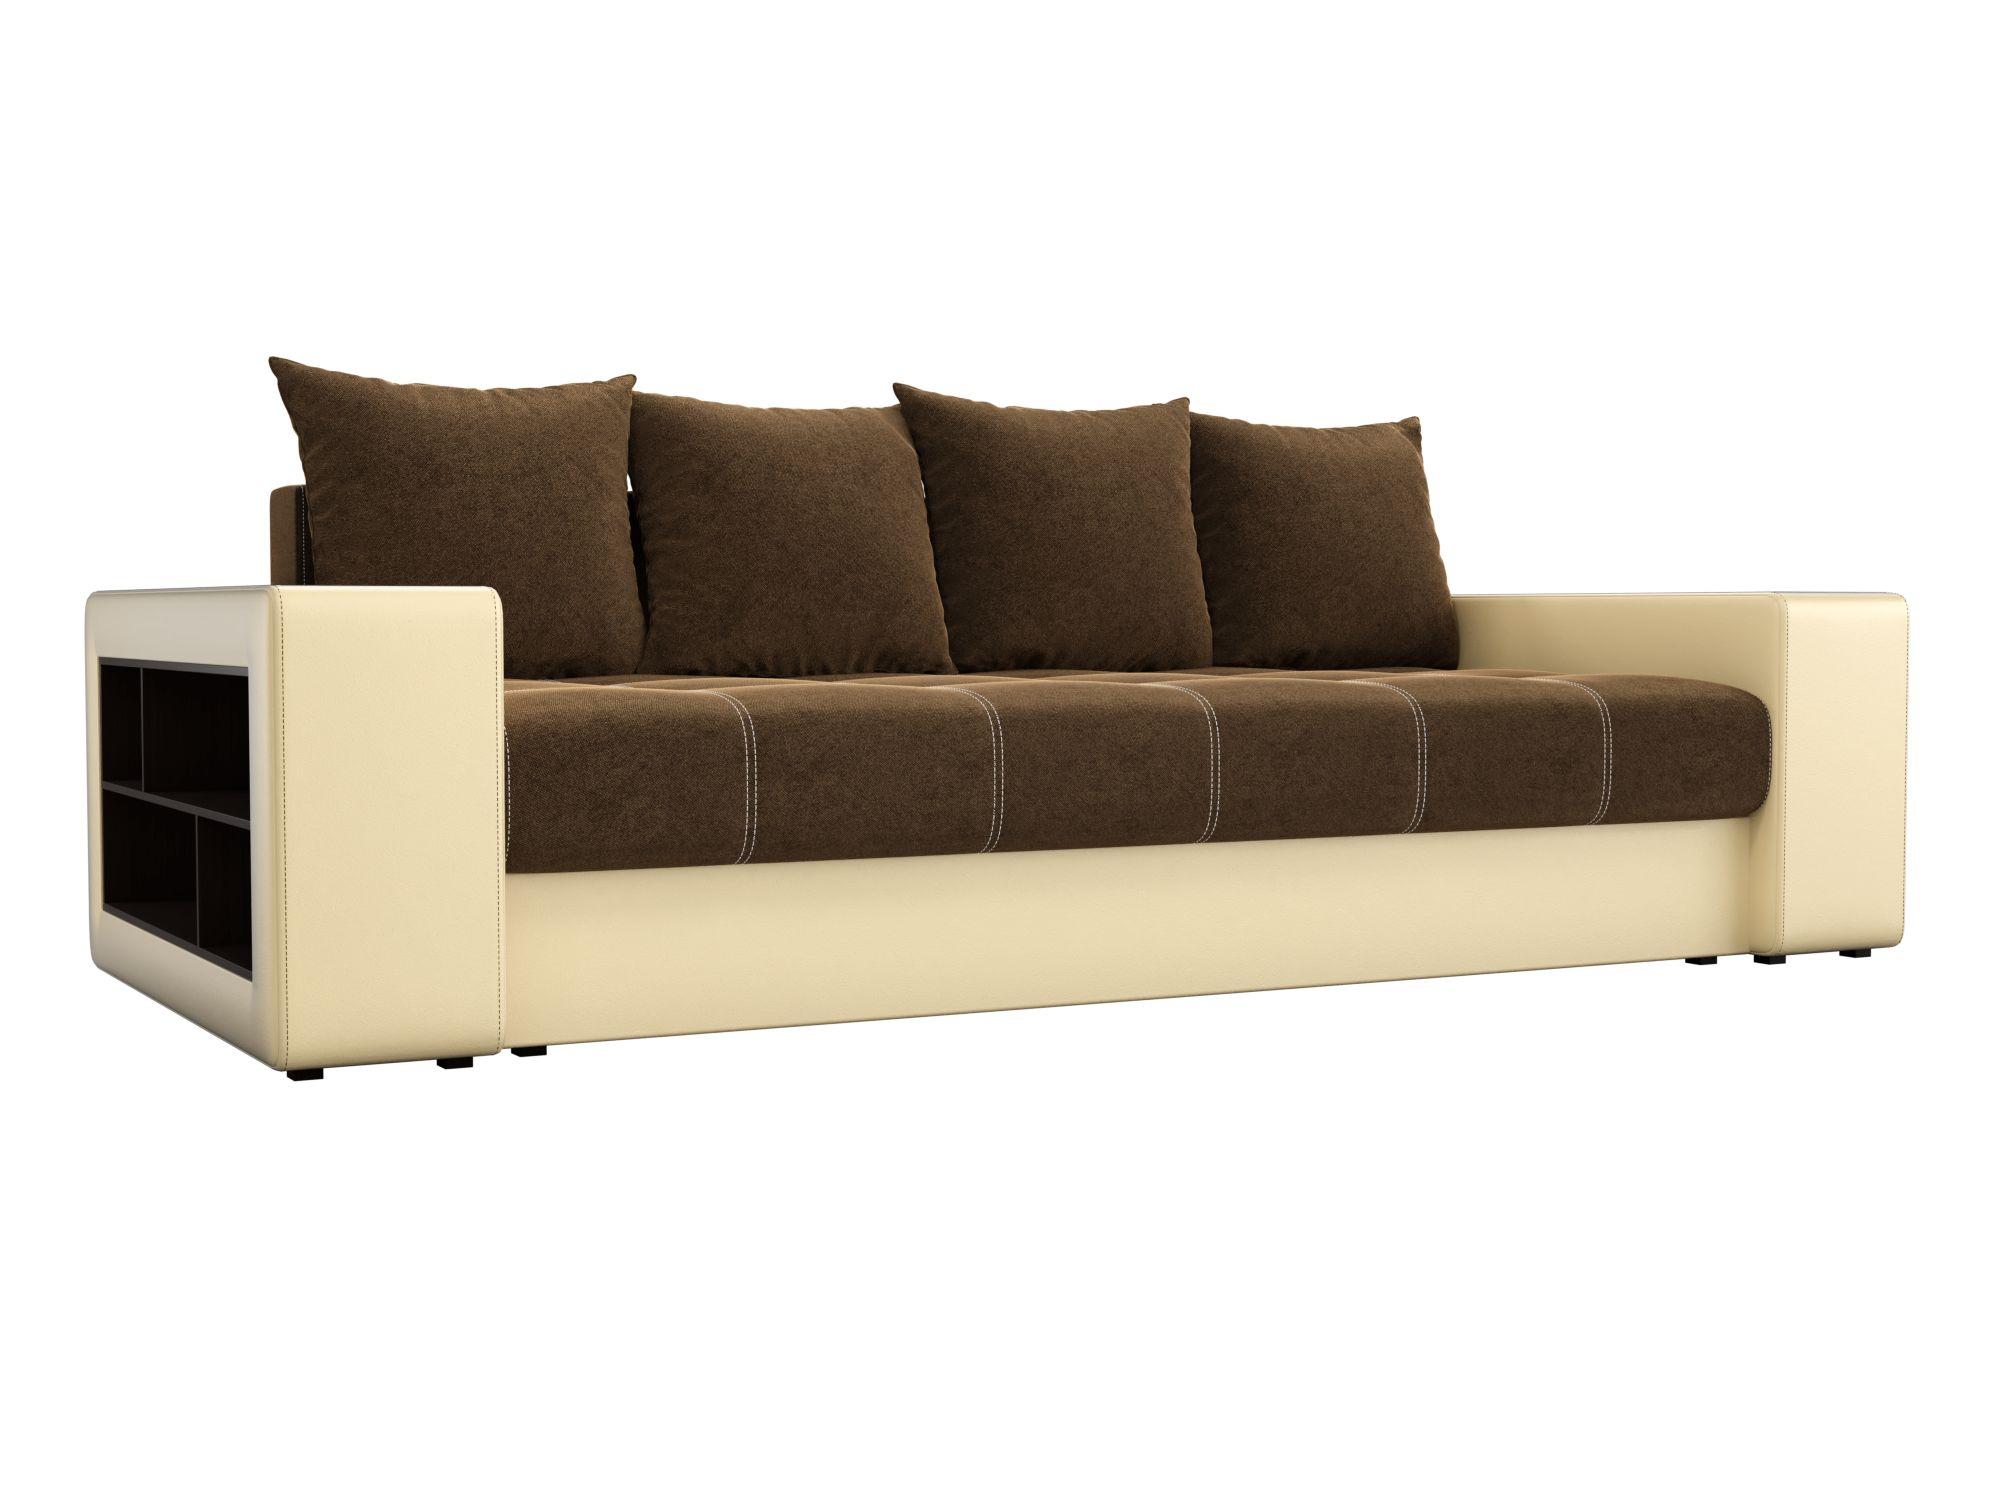 Диван прямой Мебелико Дубай микровельвет коричневый/ эко кожа бежевый